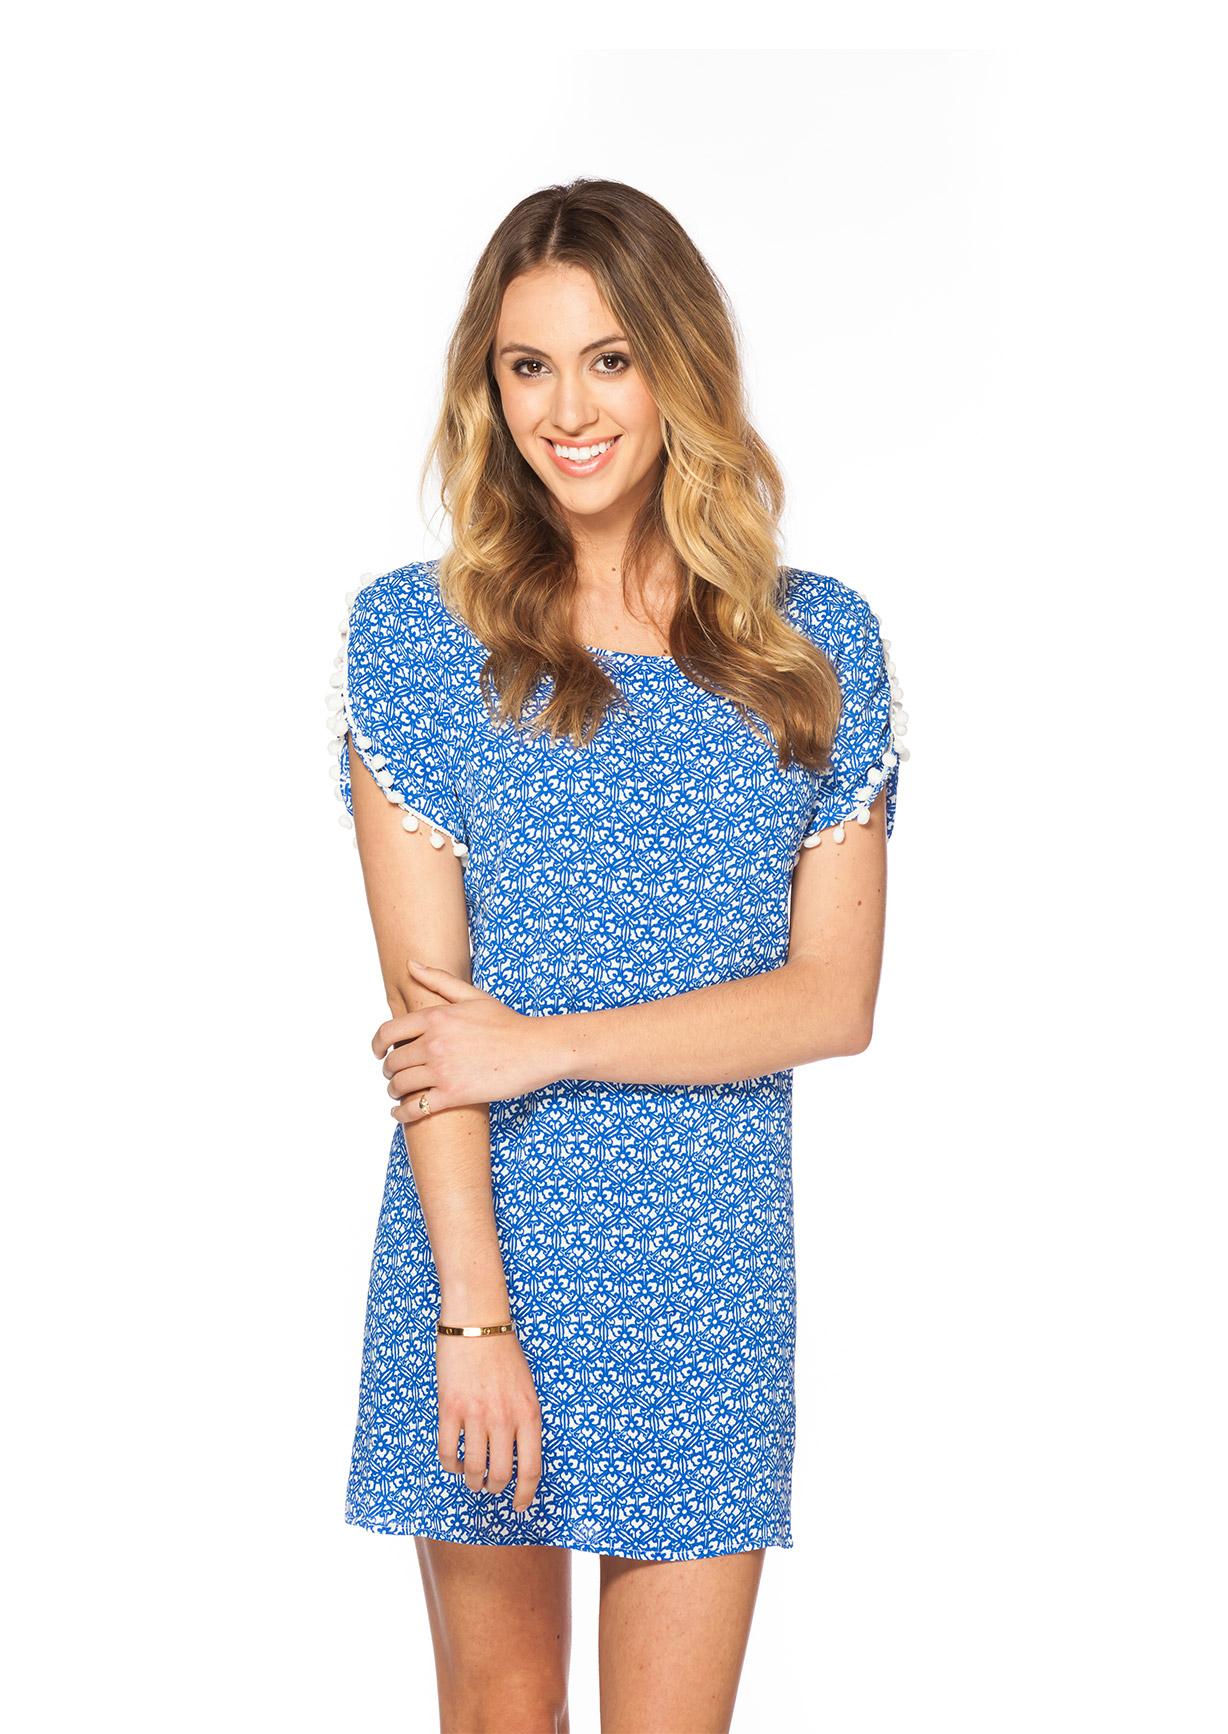 0e7eb35bcb78 BARDOT DRESS Blue   White — MELISSA LAUREN